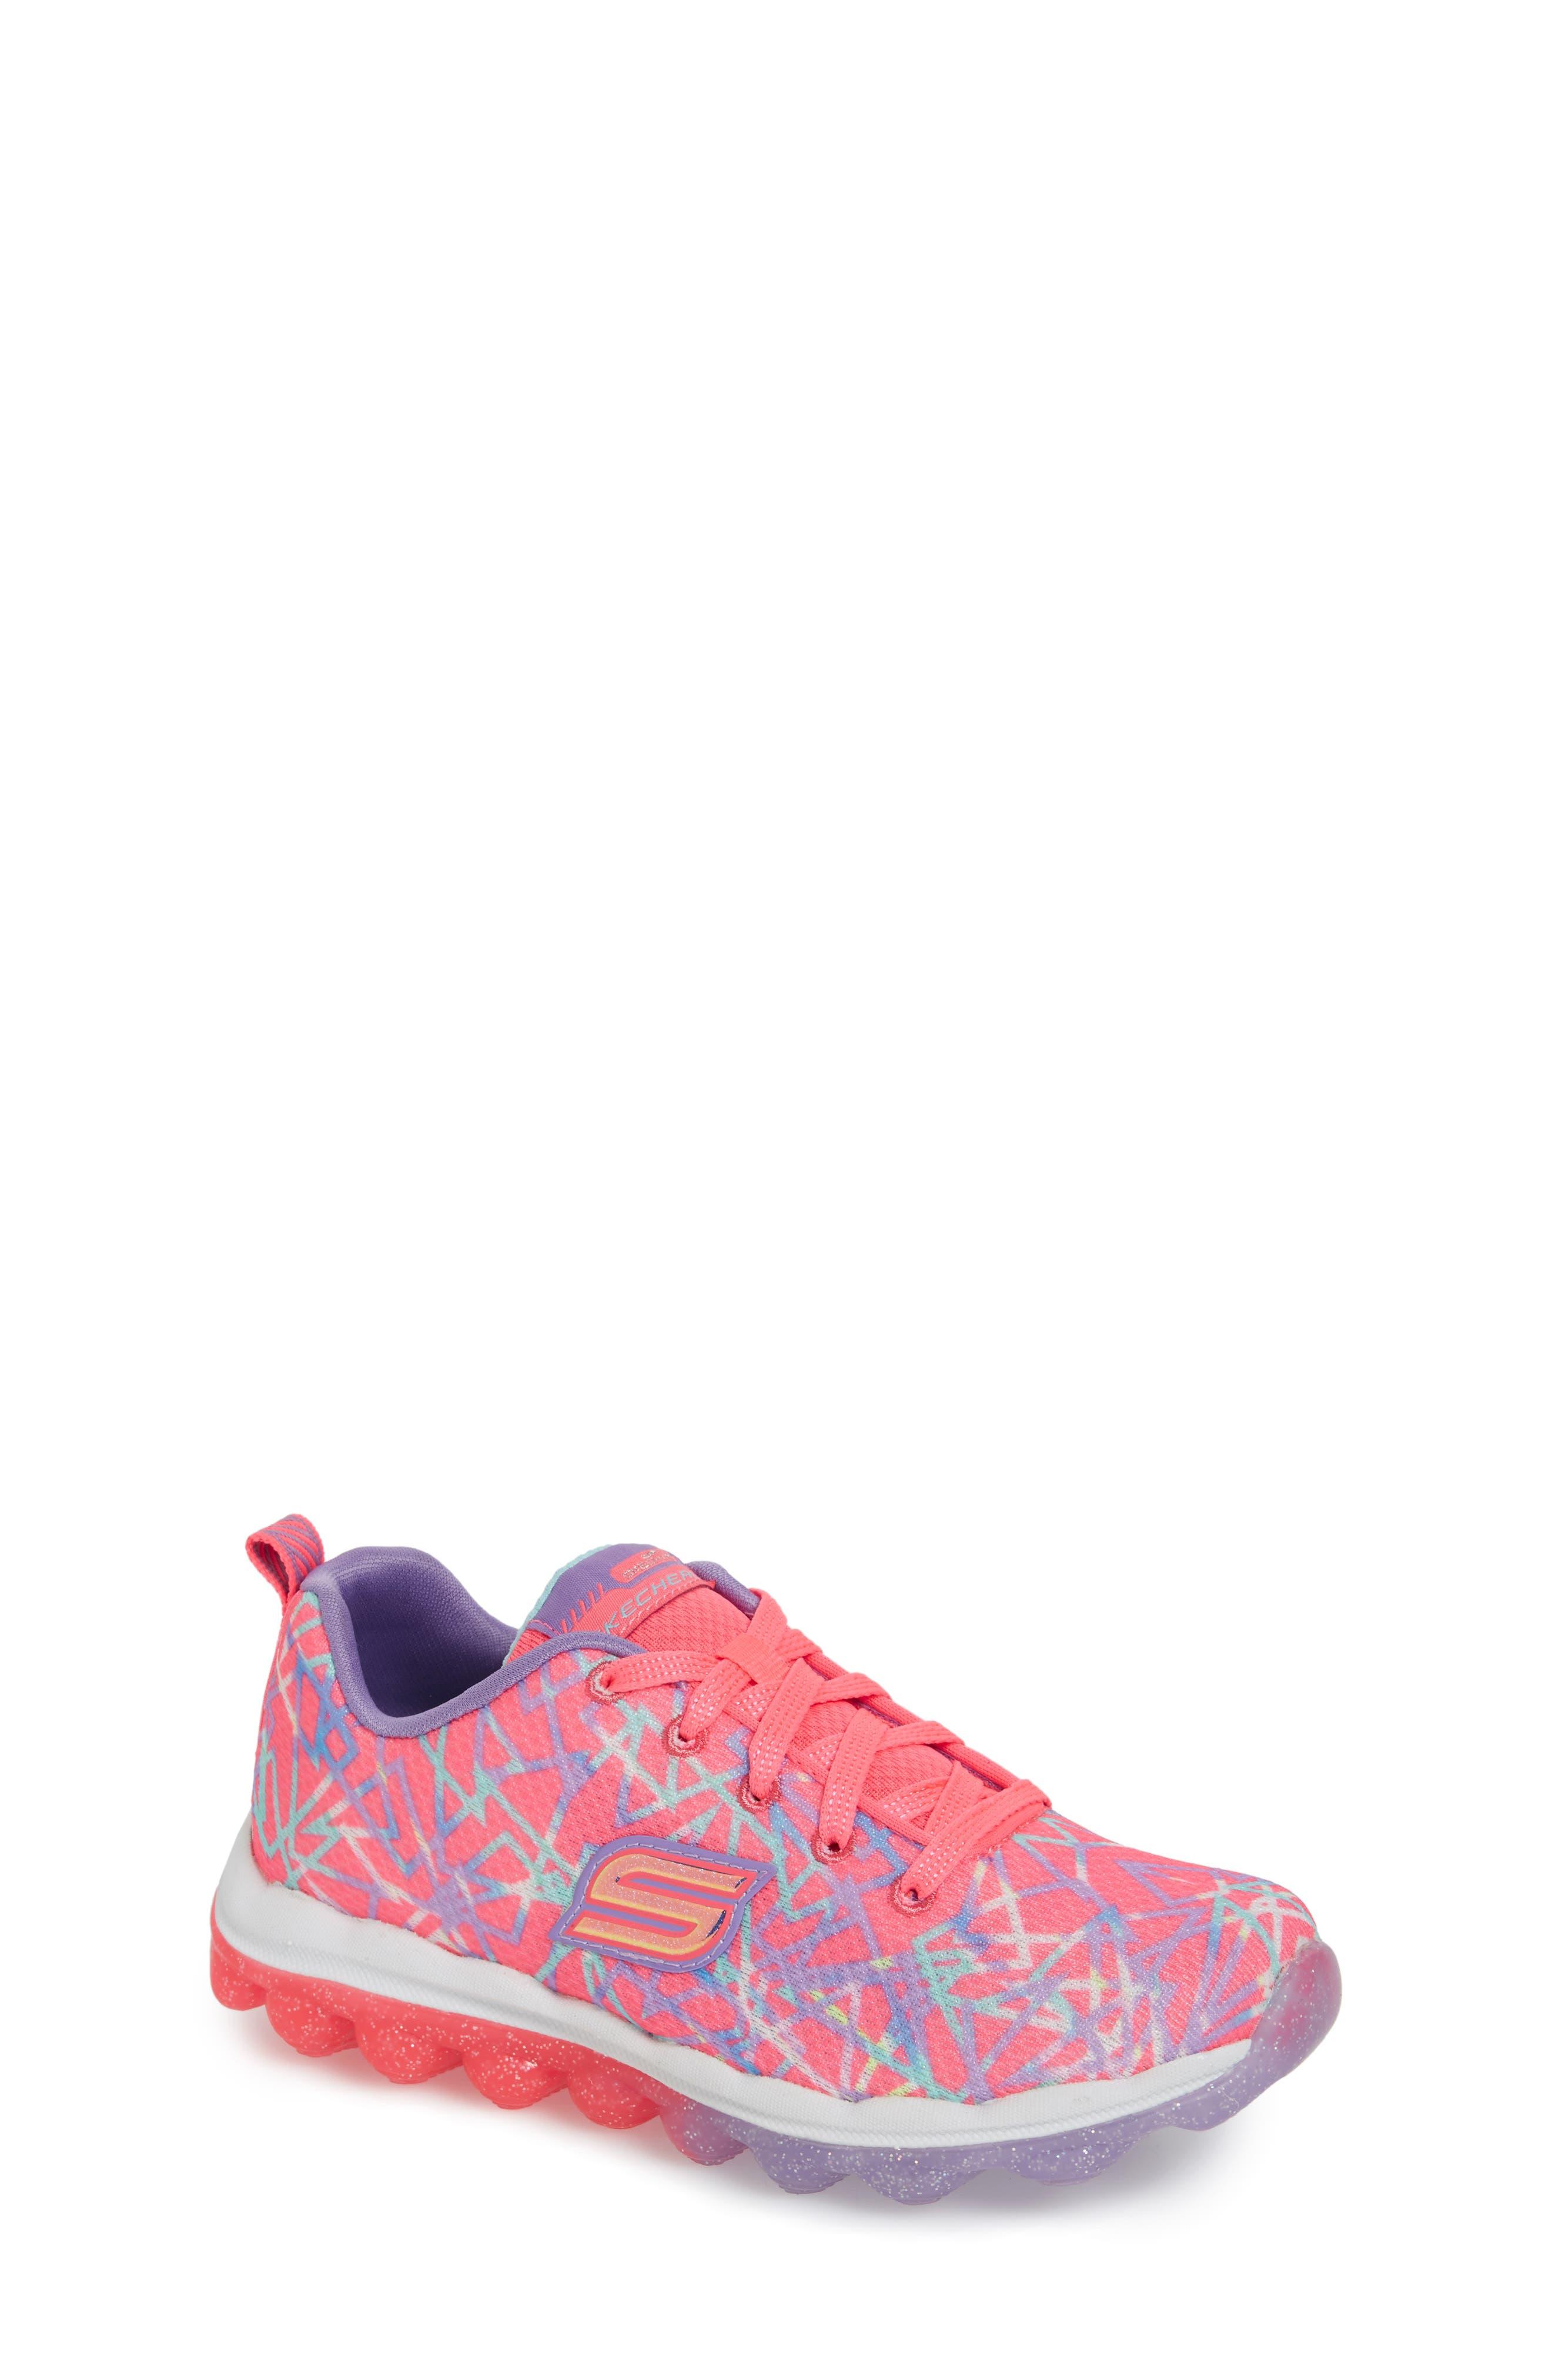 Skech-Air Sneaker,                         Main,                         color, 650